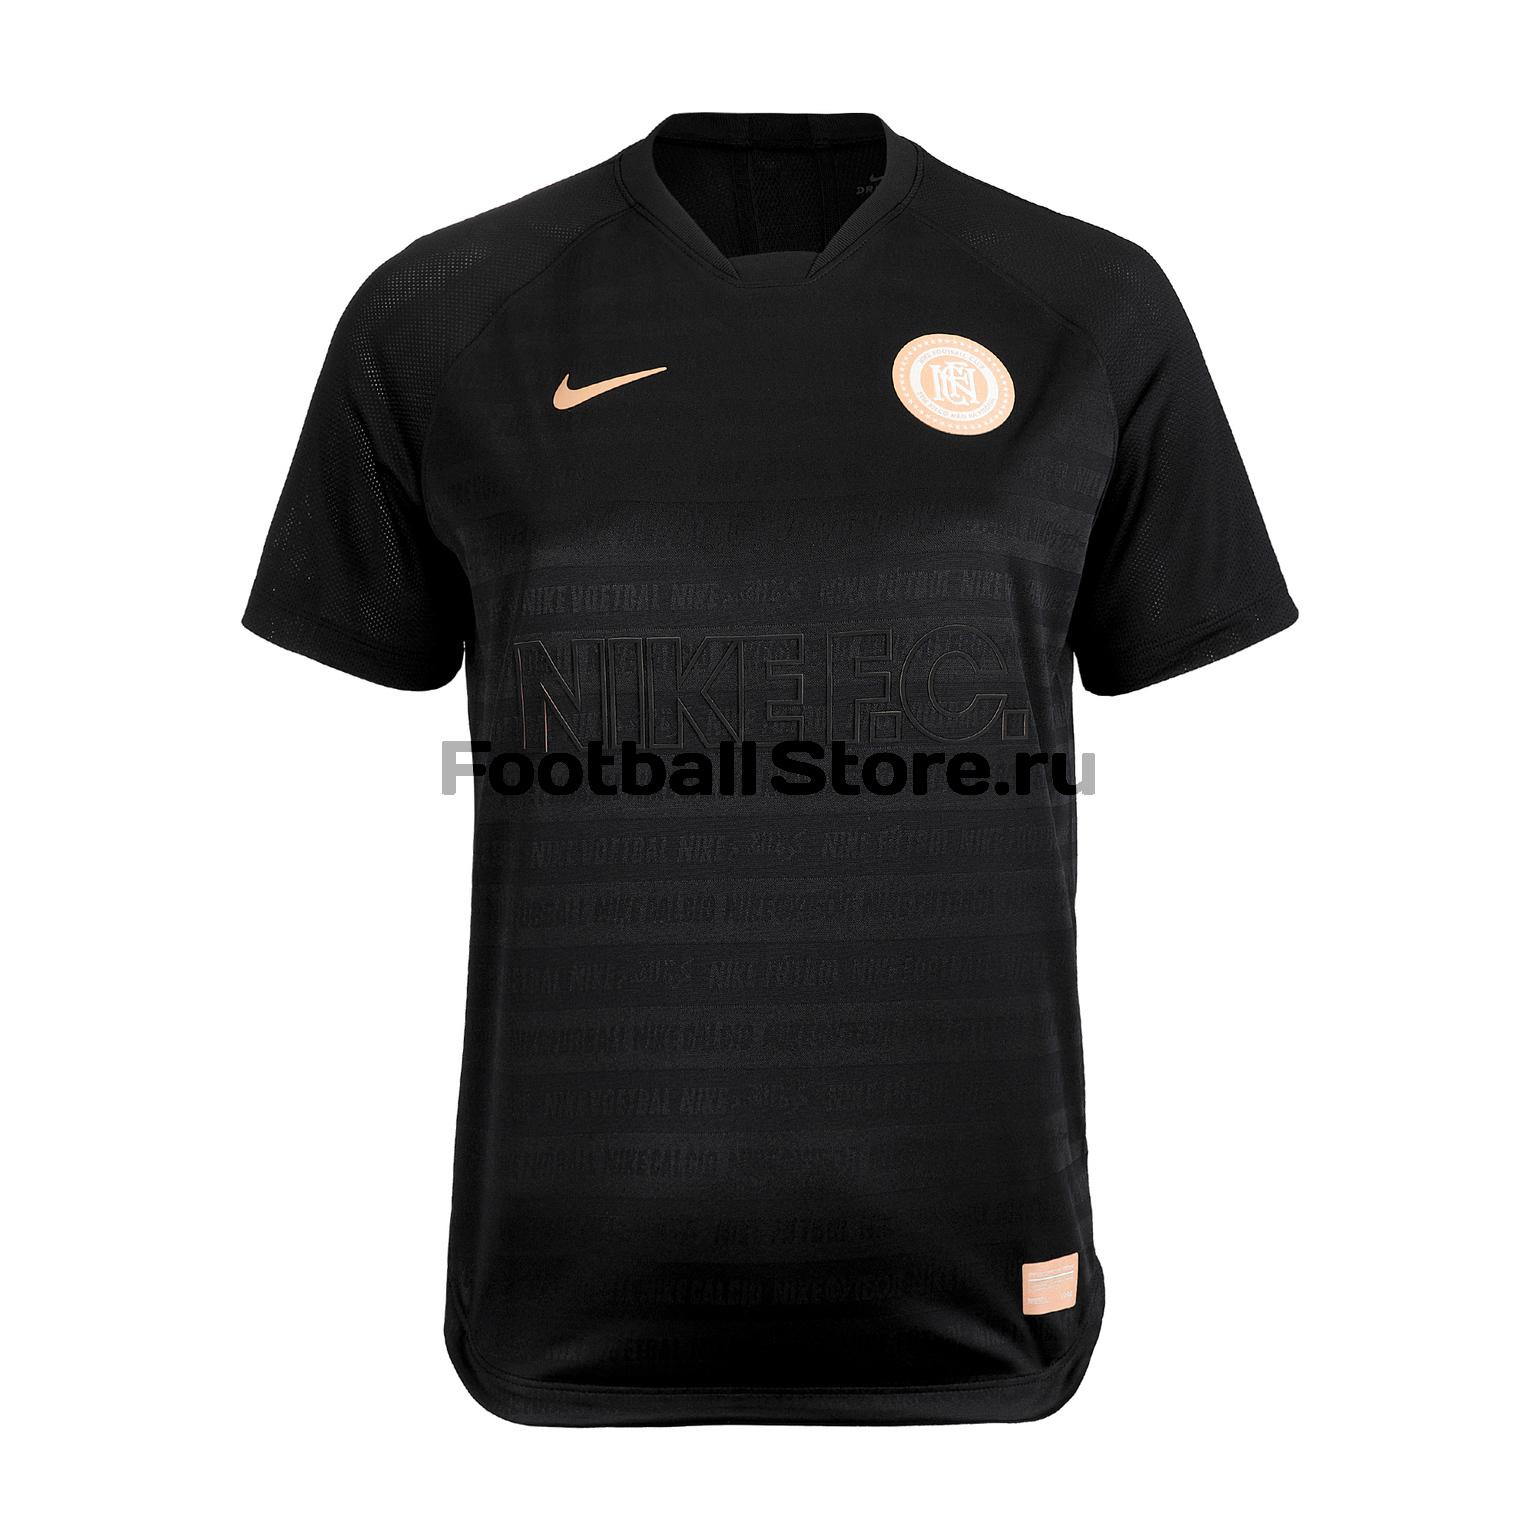 Футболка женская Nike F.C. CD9152-010